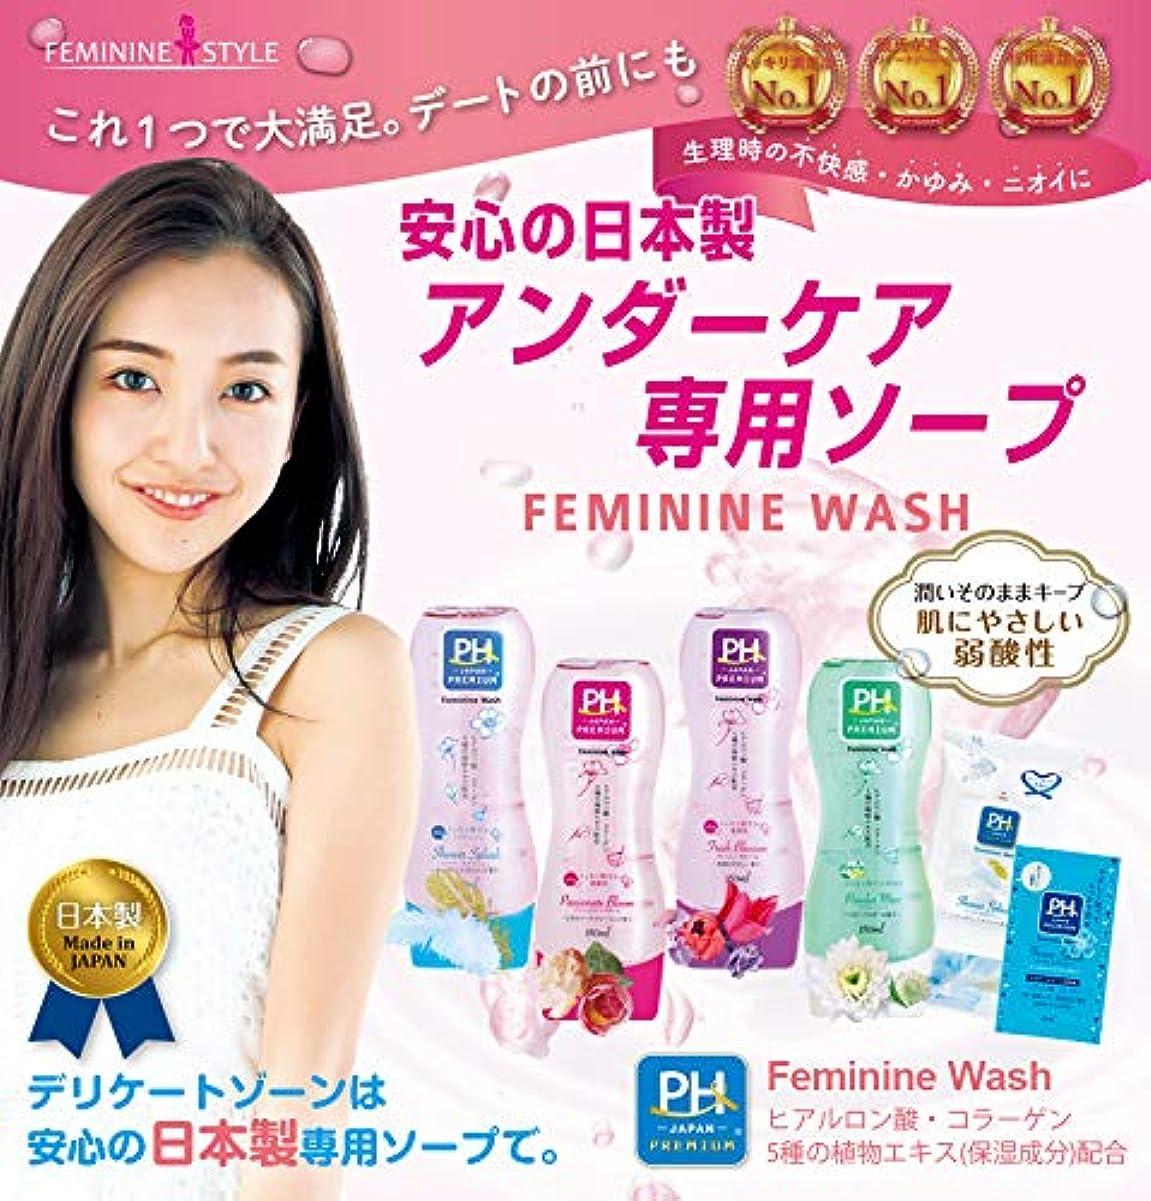 シャッフル周辺ヒュームパッショネイトブルーム2本セット PH JAPAN フェミニンウォッシュ 上品なローズフローラルの香り